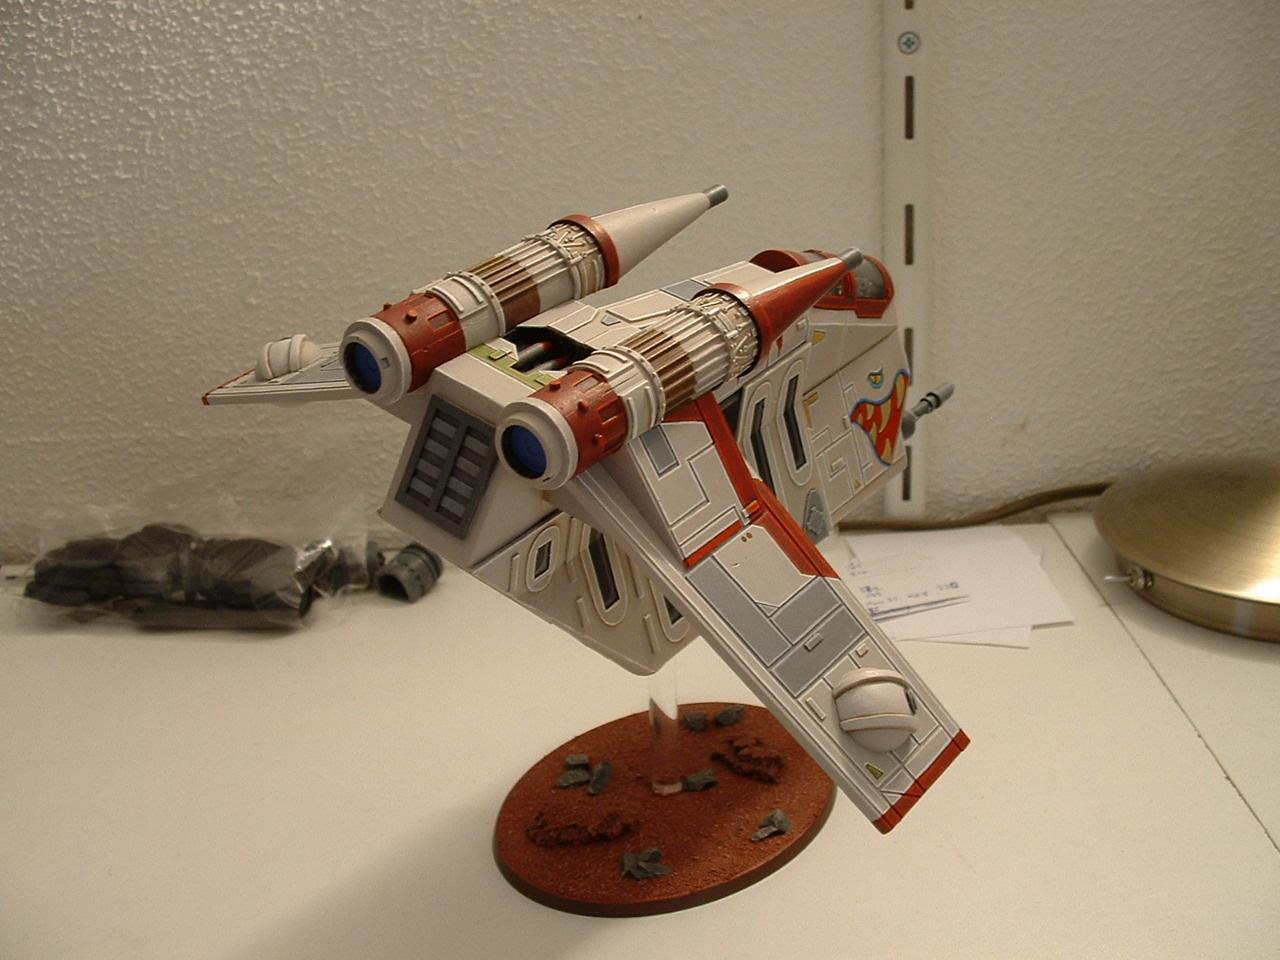 Clone Wars, Gunship, Scratch Build, Star Wars, Valkyrie